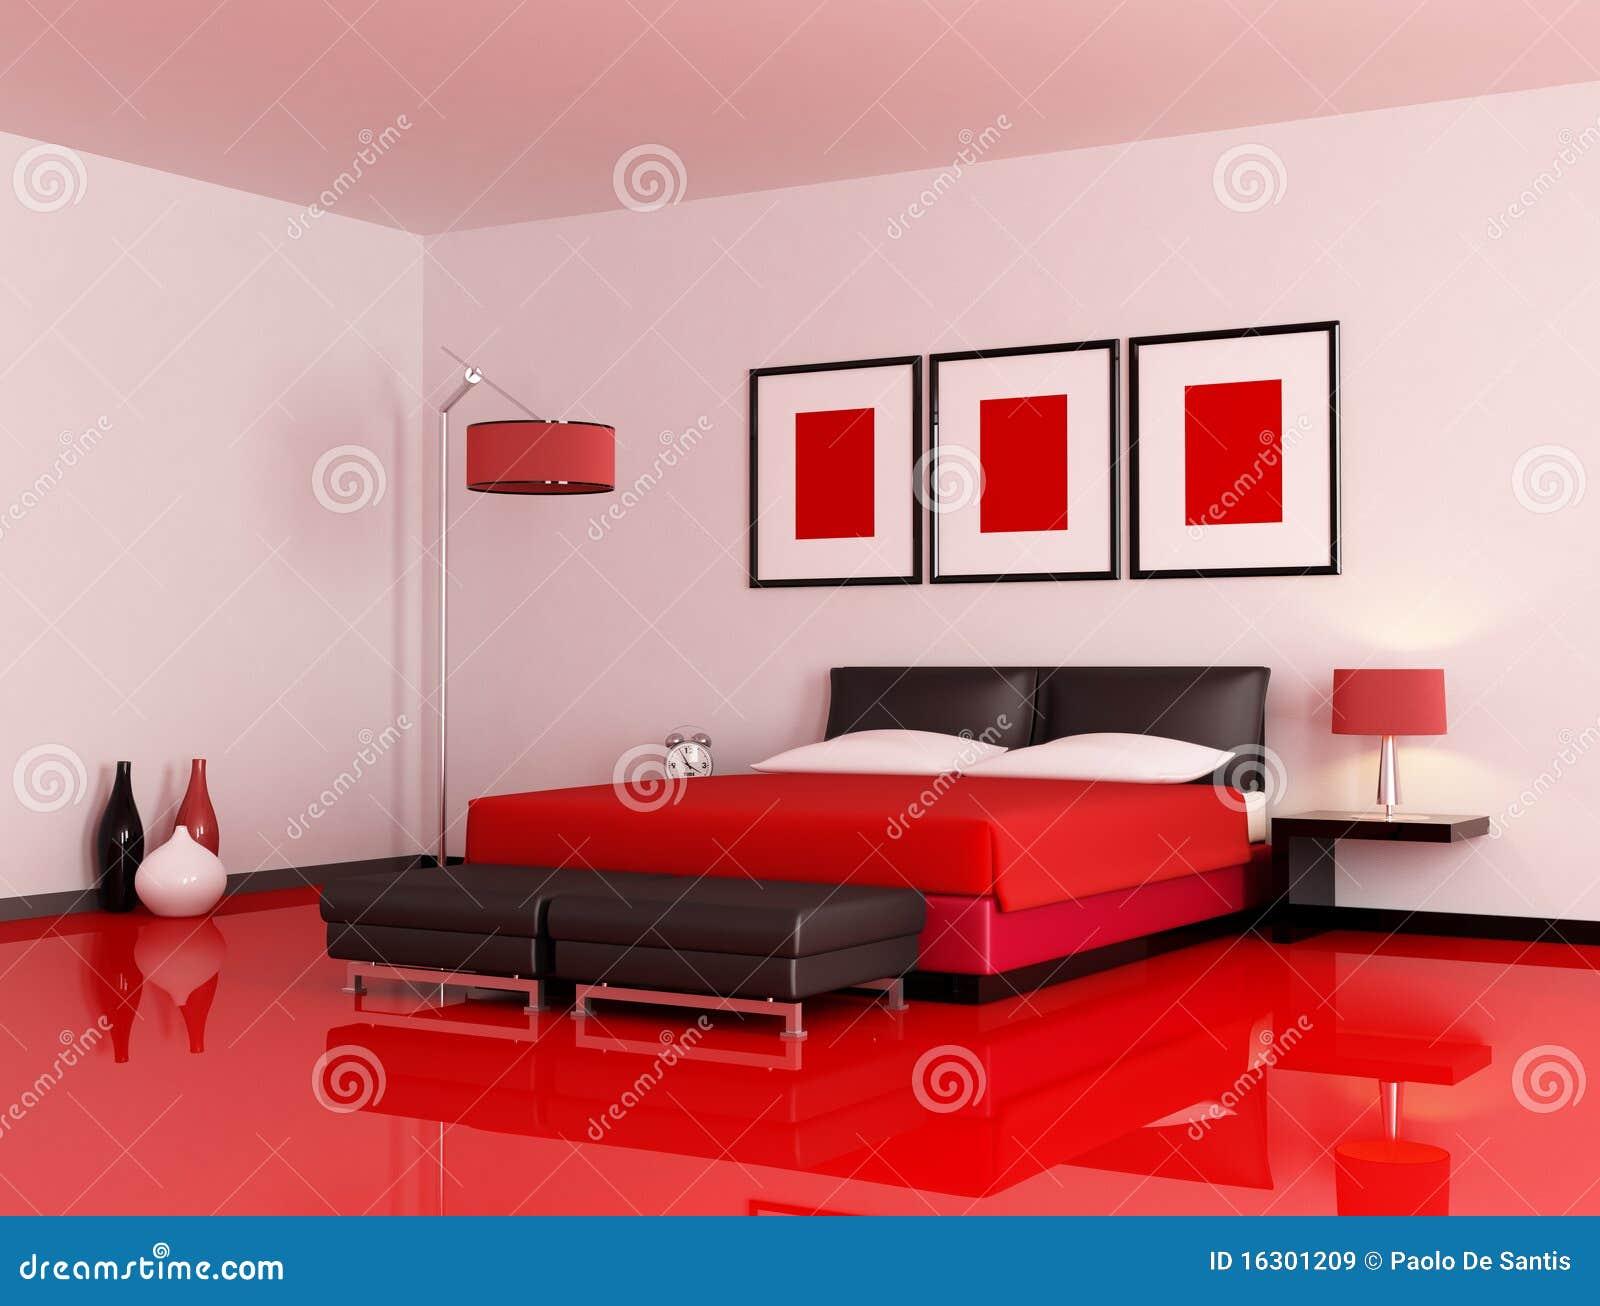 Dormitorio rojo y negro moderno im genes de archivo libres for Dormitorio rojo y blanco